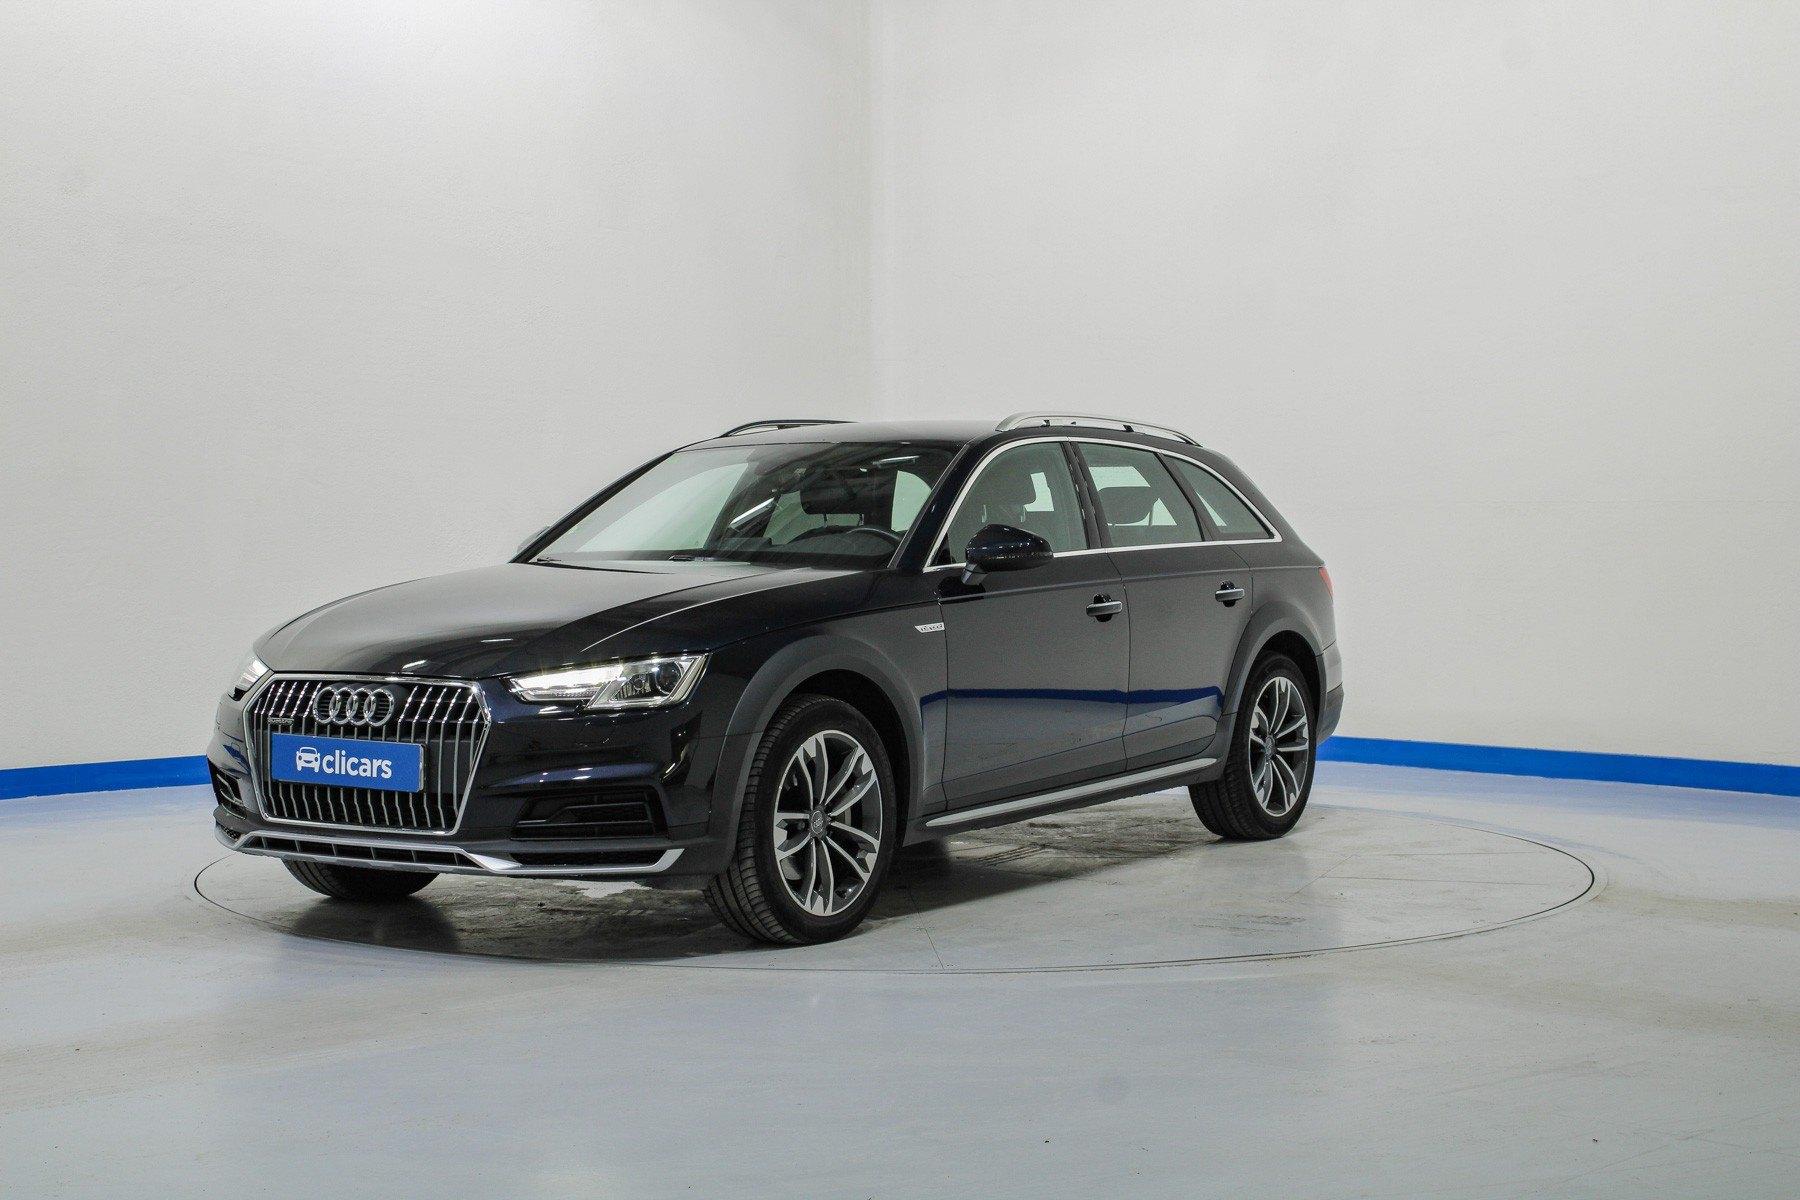 Audi A4 Allroad Quattro Diésel 3.0 TDI 218CV quat S tron unlimited edit 1